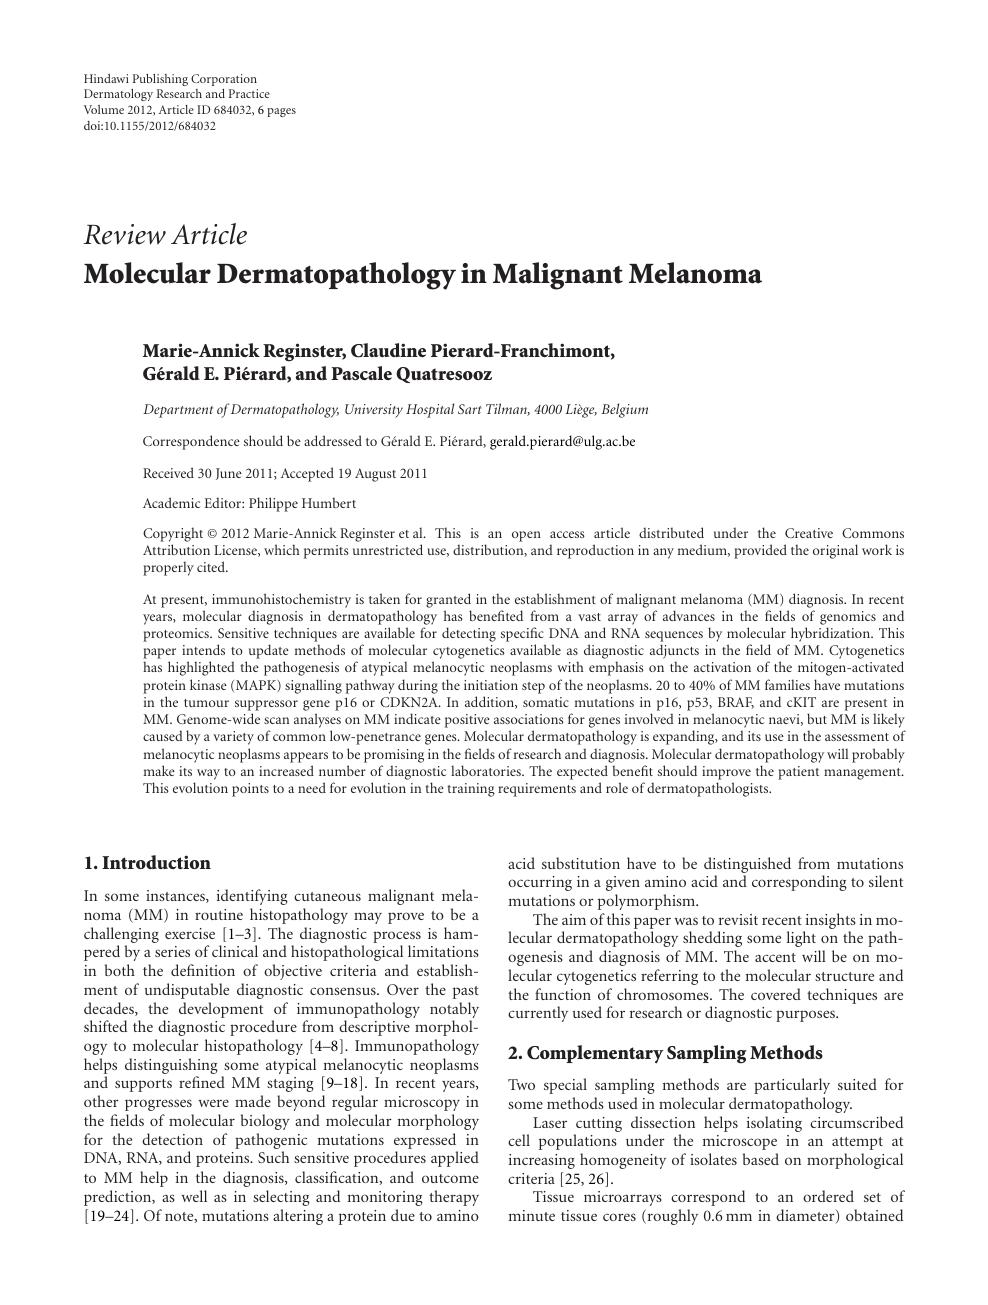 Molecular Dermatopathology in Malignant Melanoma – topic of